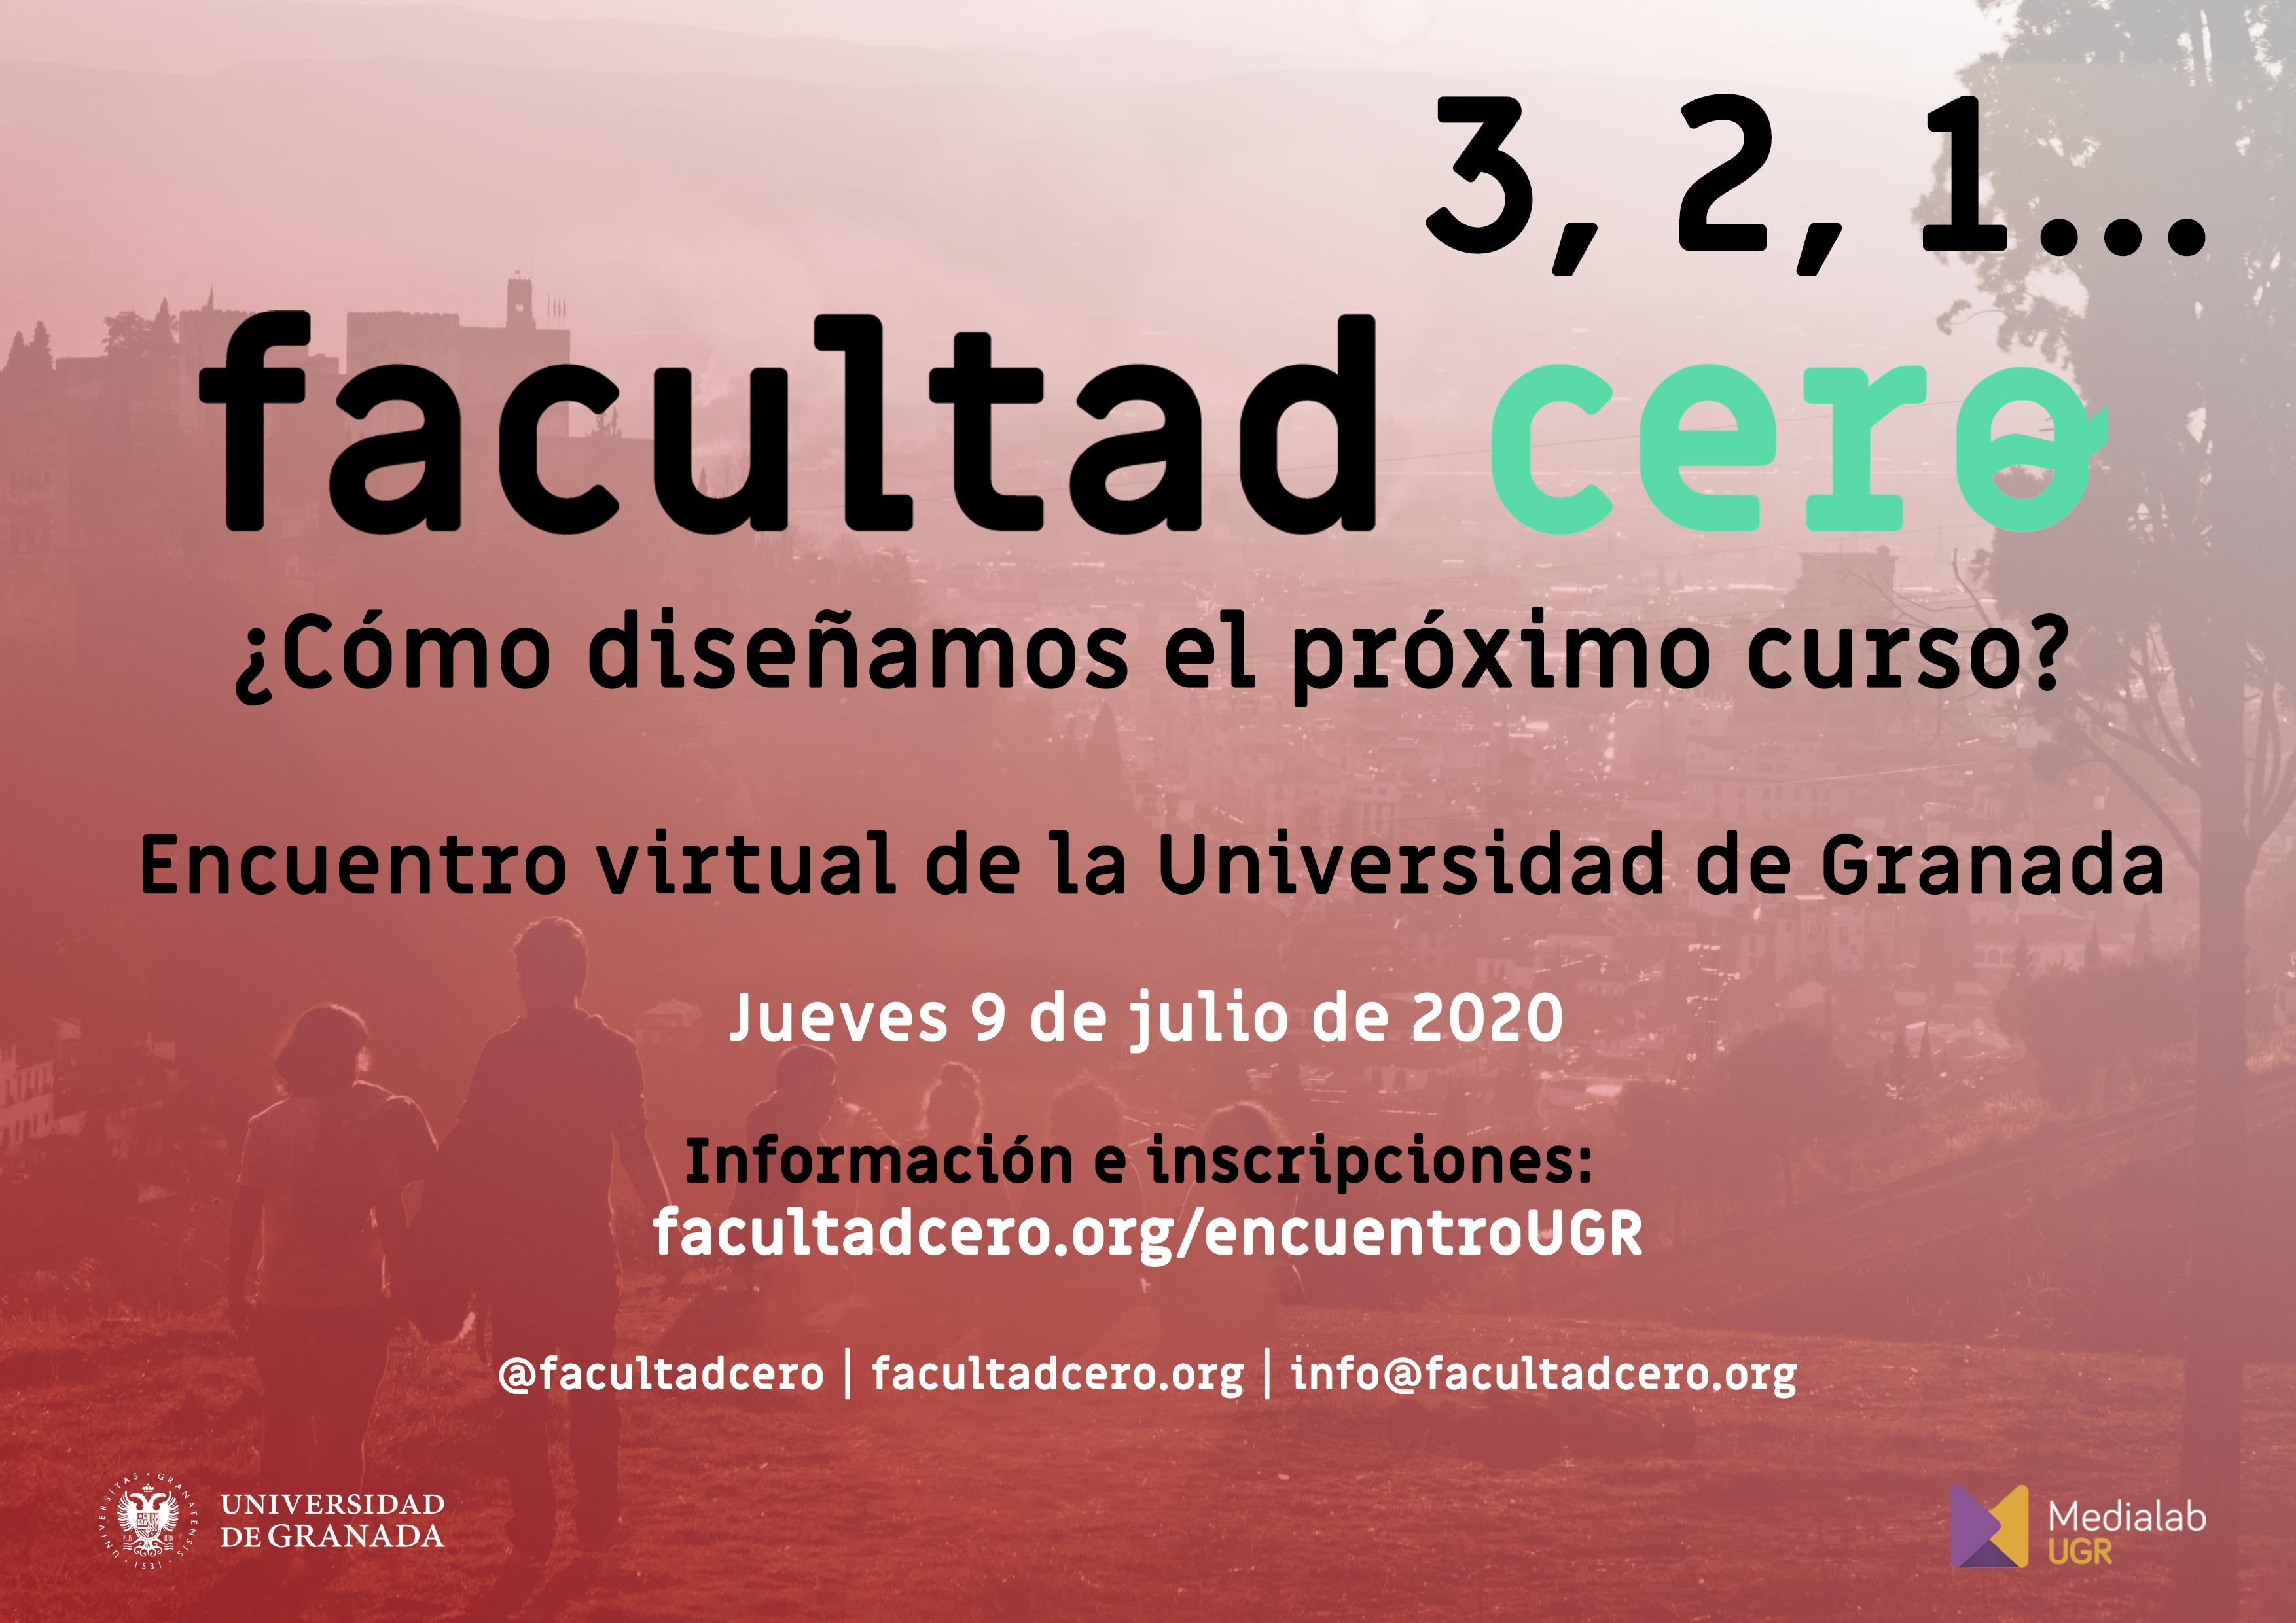 """Convocatoria de Encuentro Facultad Cero """"¿Cómo diseñamos el próximo curso?"""" en la Universidad de Granada (9 de julio)"""